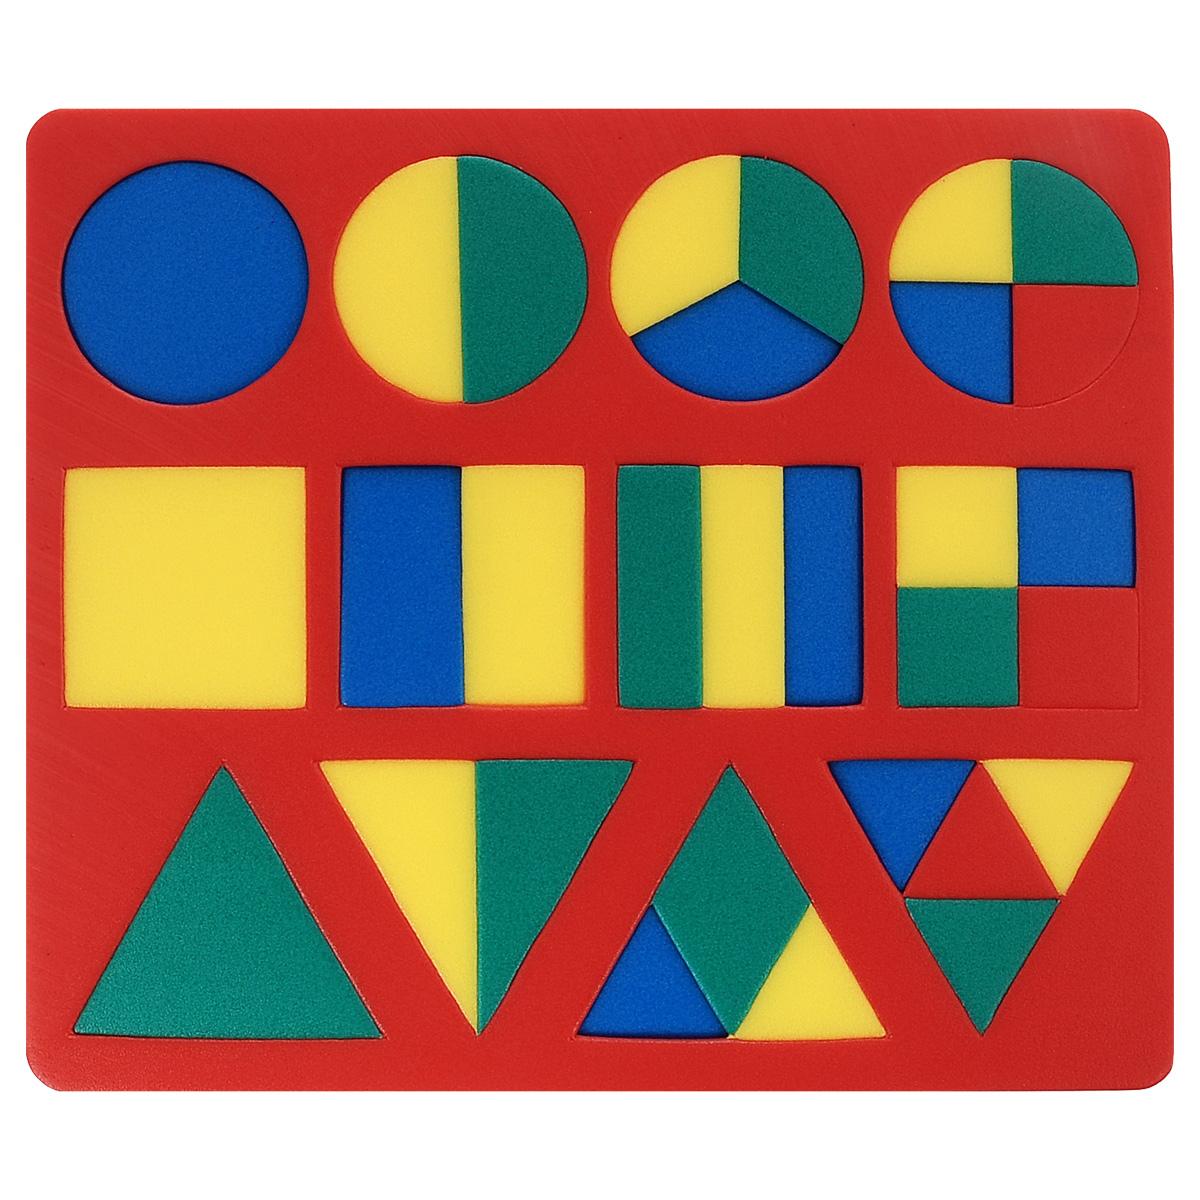 Мягкая мозаика Геометрия, цвет основы: красный45319_красныйМягкая мозаика Геометрия станет для вашего малыша приятным сюрпризом. С ее помощью ребенок в увлекательной форме познакомится с основными геометрическими фигурами, научится различать их по внешним признакам. Изготовленная из современного, легкого, эластичного, прочного материала, который обеспечивает большую долговечность, мозаика является абсолютно безопасной для детей. Мозаика настолько универсальна и практична, что с ней можно играть практически везде. Кроме того, благодаря особой структуре материала и свойству прилипать к мокрой поверхности, она является идеальной игрушкой для ванны и сделает процесс купания приятной забавой для ребенка. Данная мозаика способствует развитию у ребенка мелкой моторики, образного и логического мышления, а также наблюдательности и фантазии.